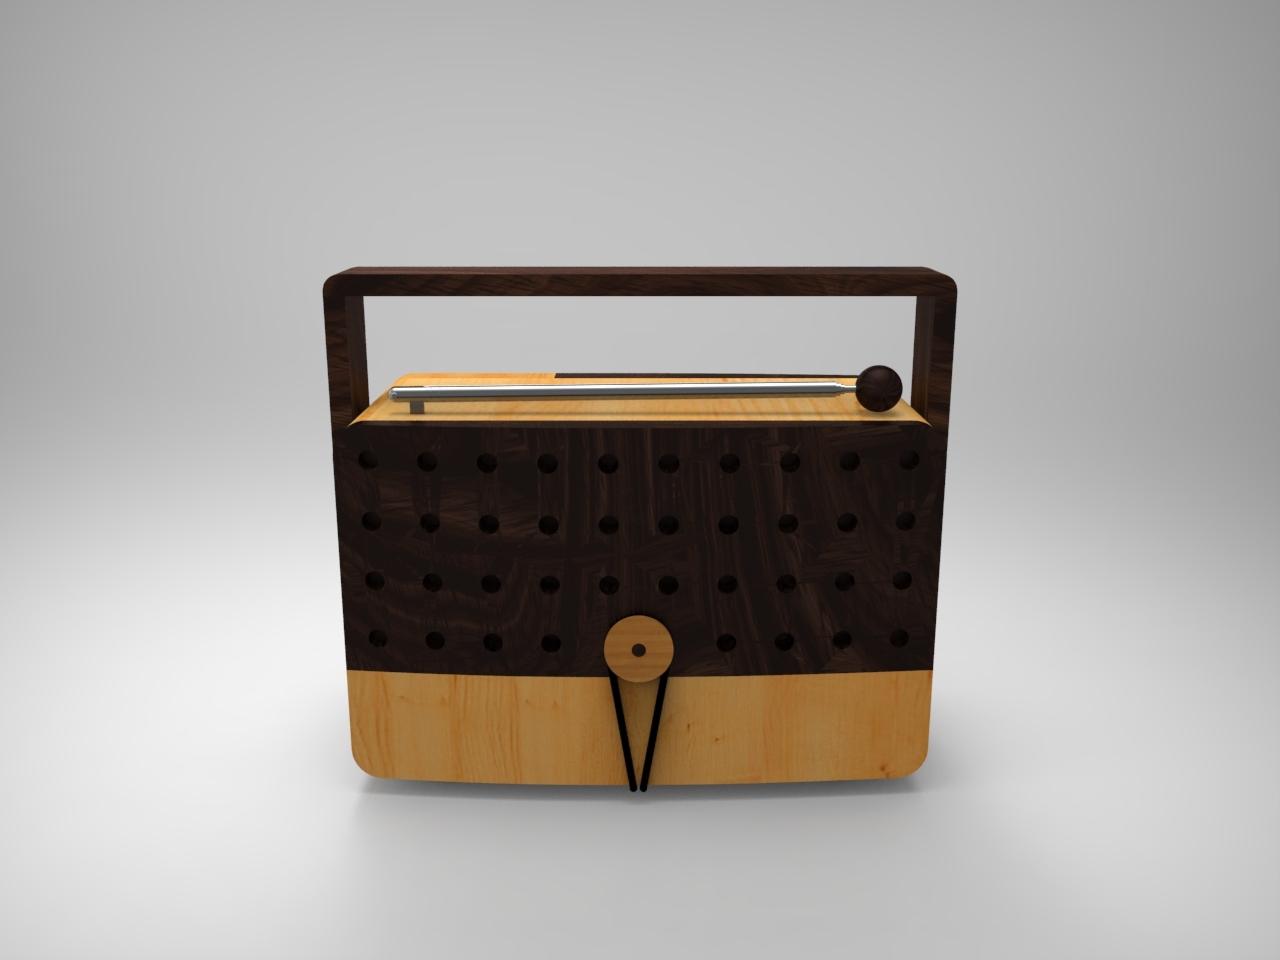 镍锰合金木制收音机设计